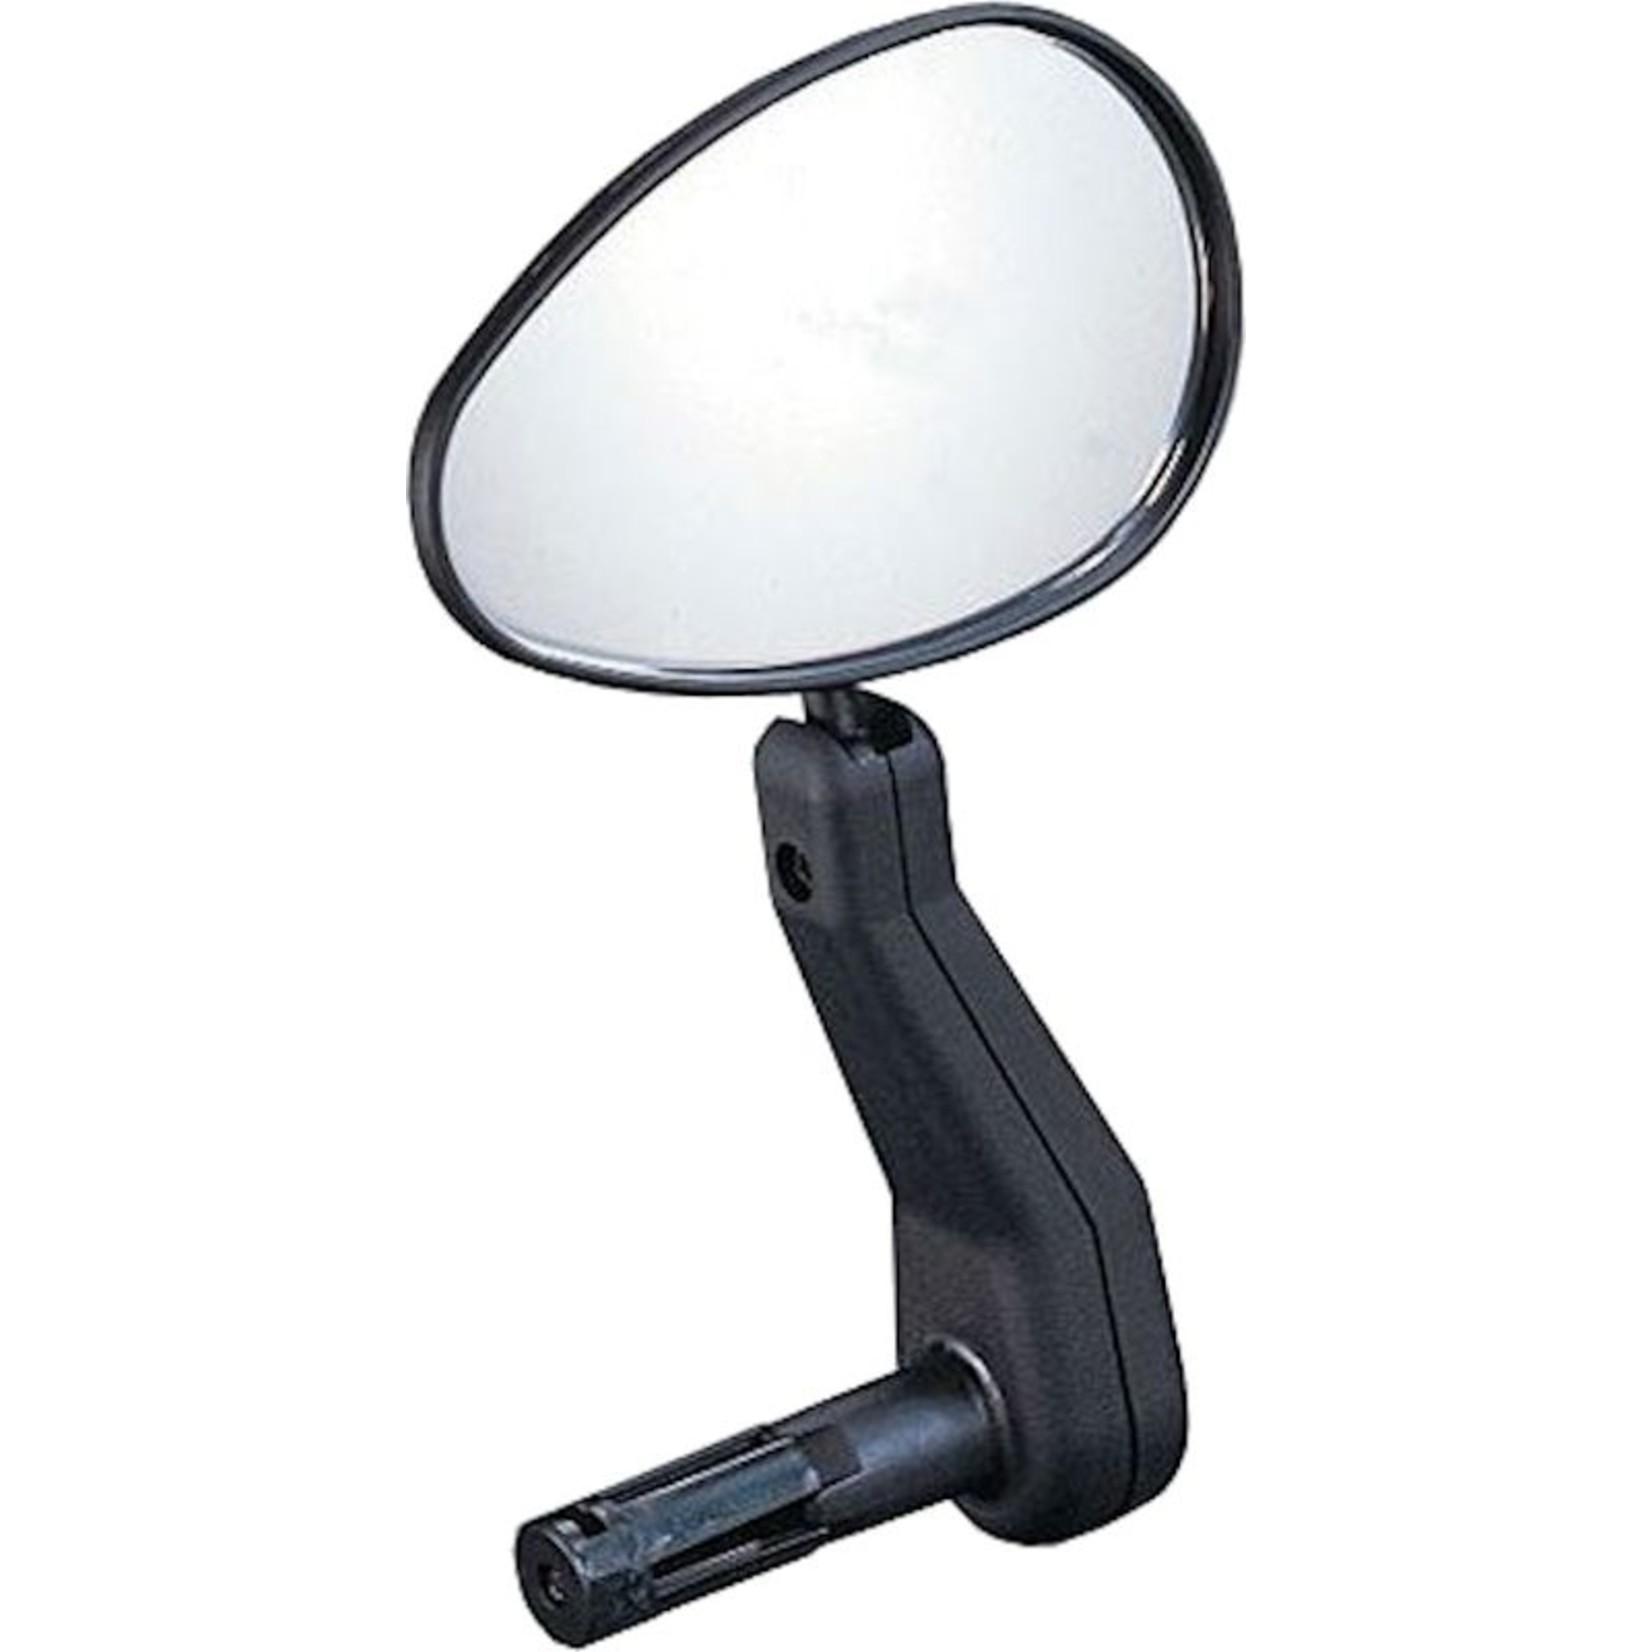 Cateye Cateye, Mirror Flat Bar Oval RH